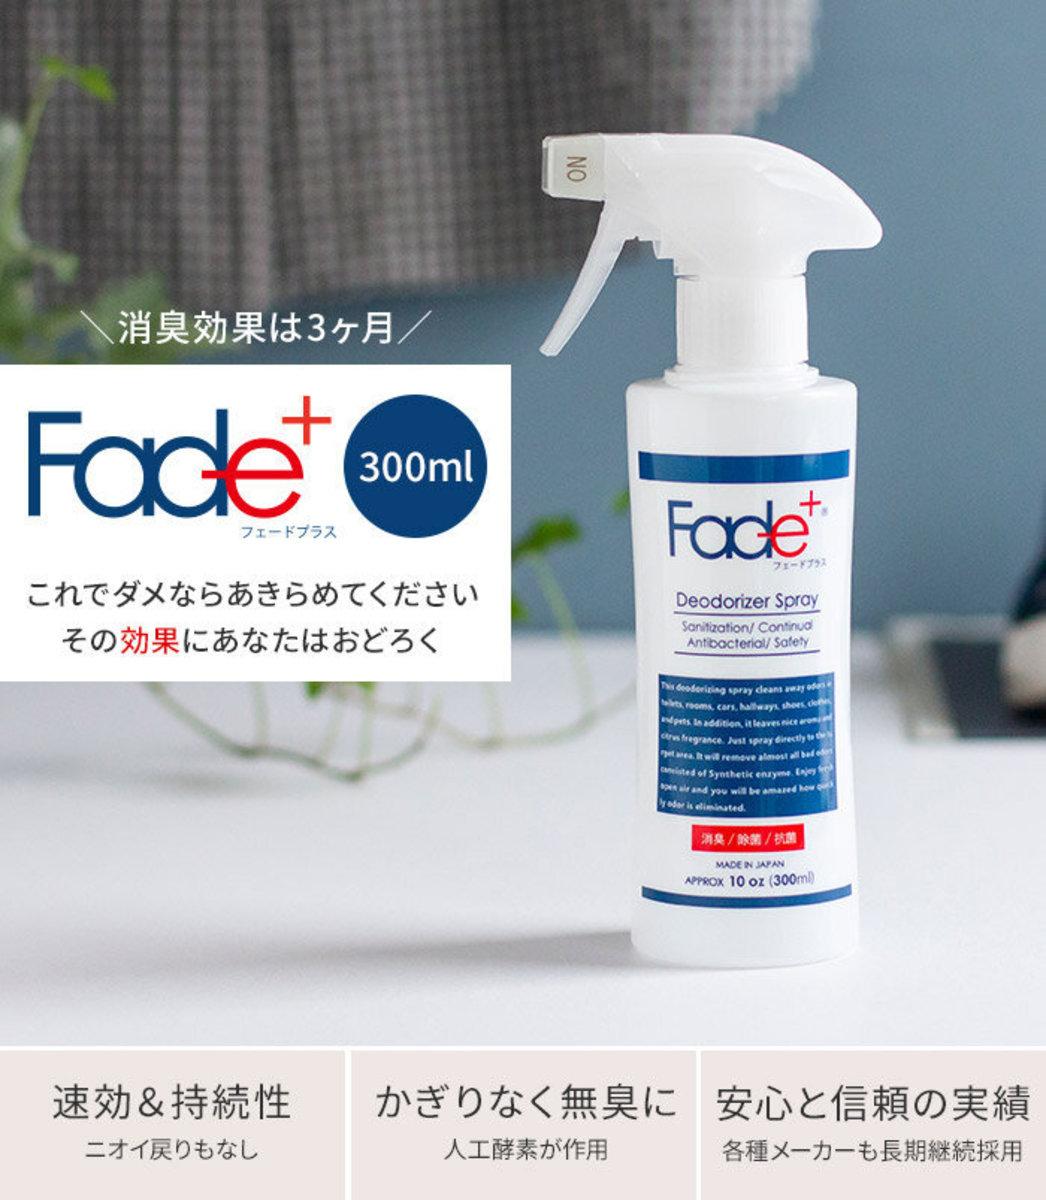 除臭噴霧300ml (日本製造)